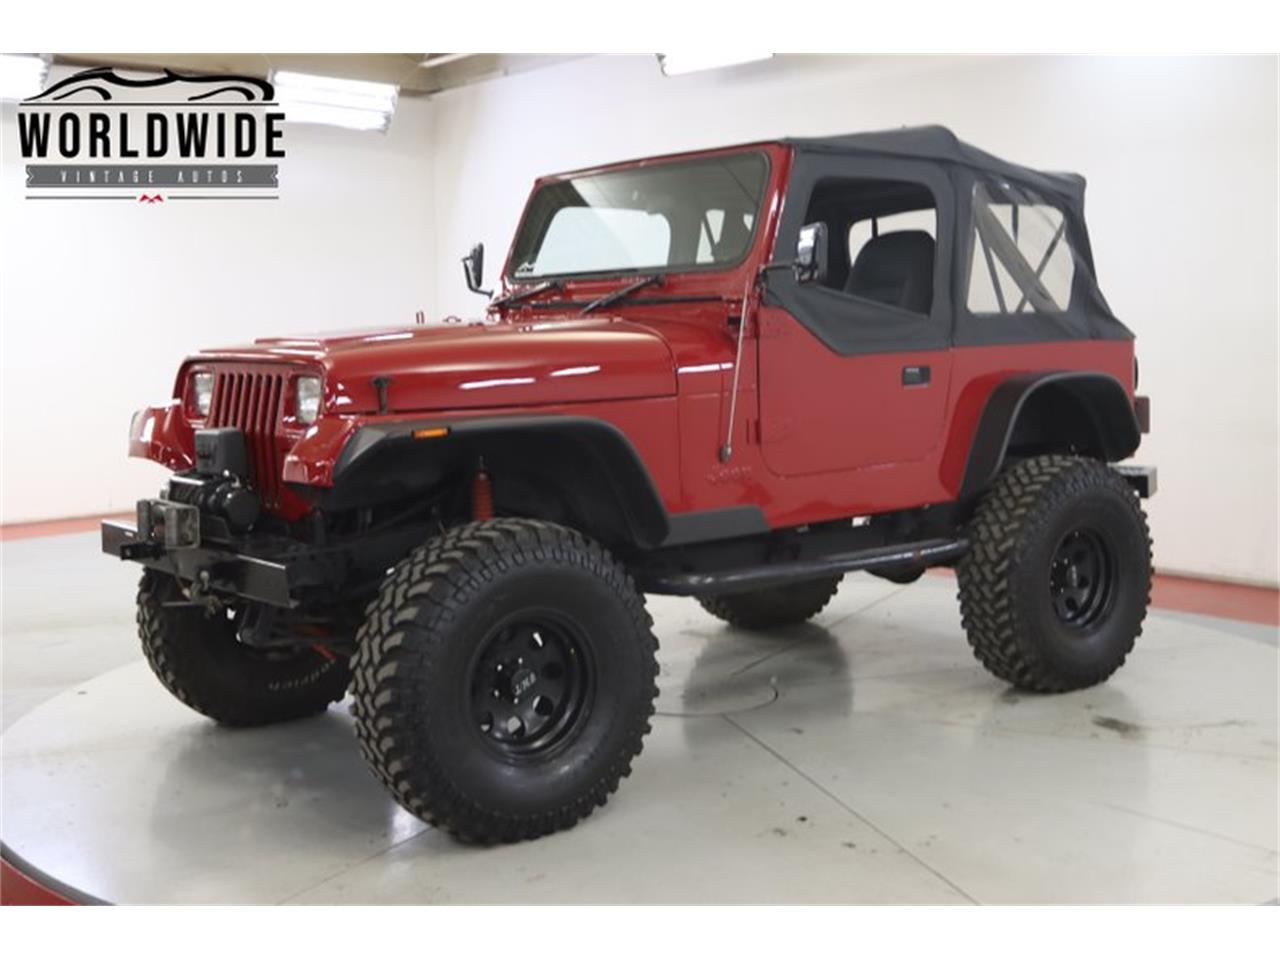 for sale 1987 jeep wrangler in denver , colorado cars - denver, co at geebo